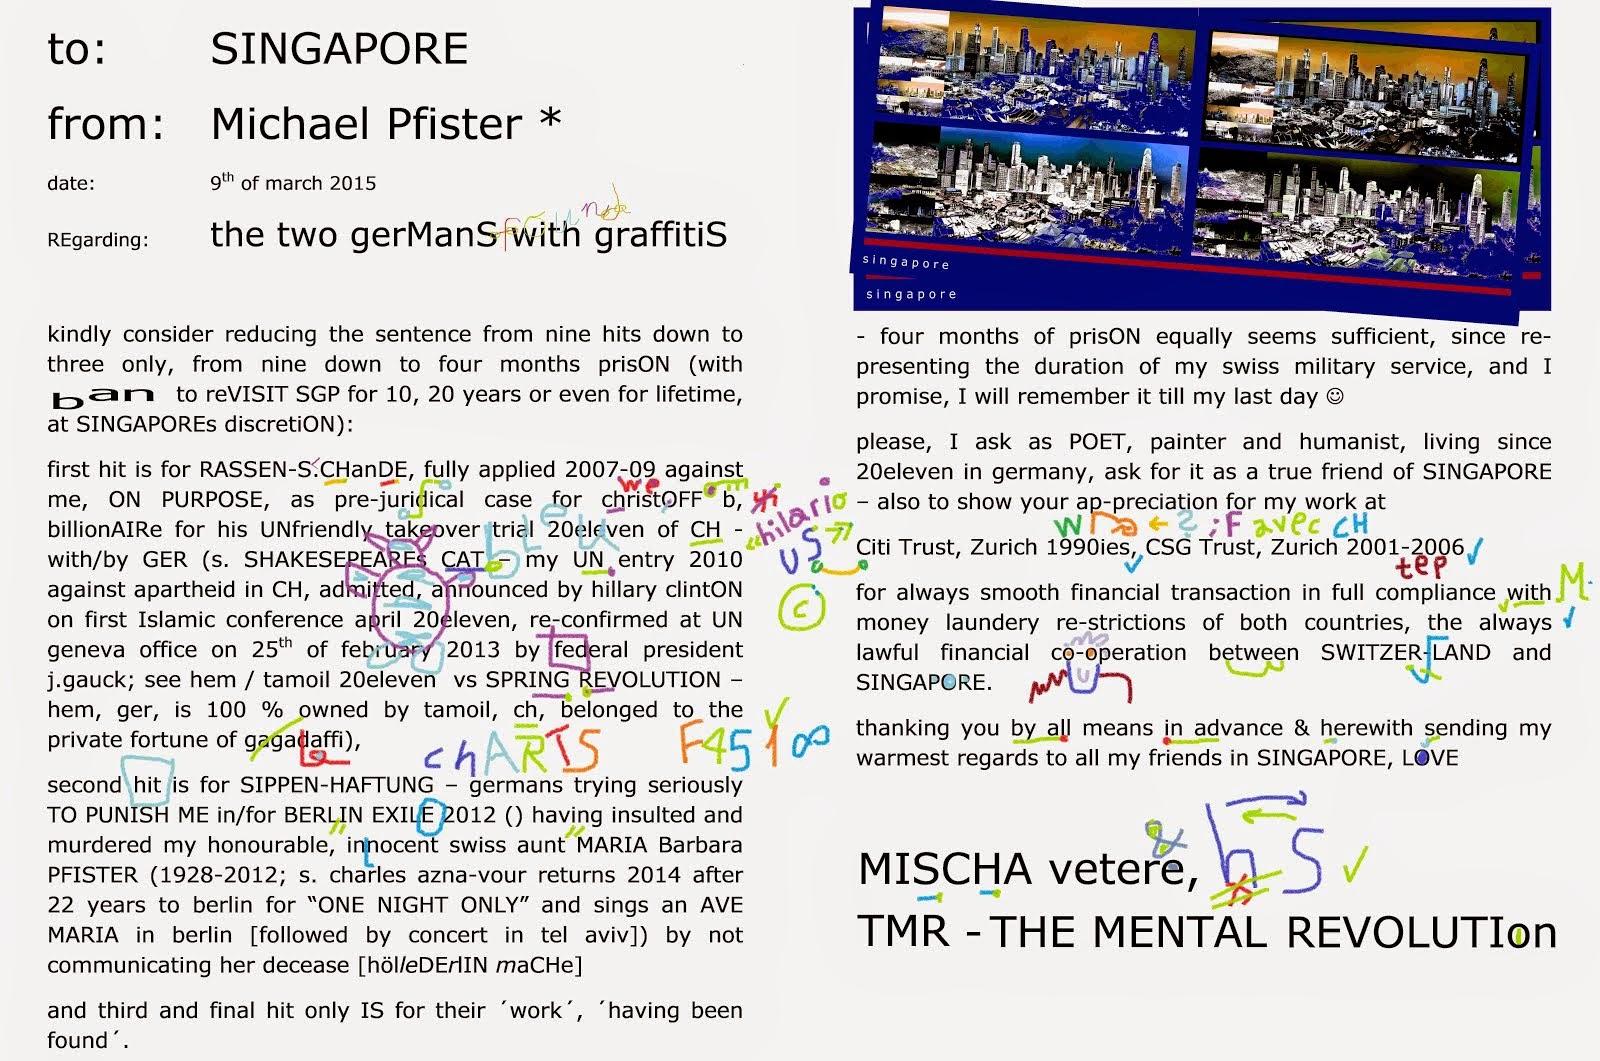 SINGAPORE helmut schmidt TMR THE MENTAL REVOLUTION mischa vetere germany graffiti